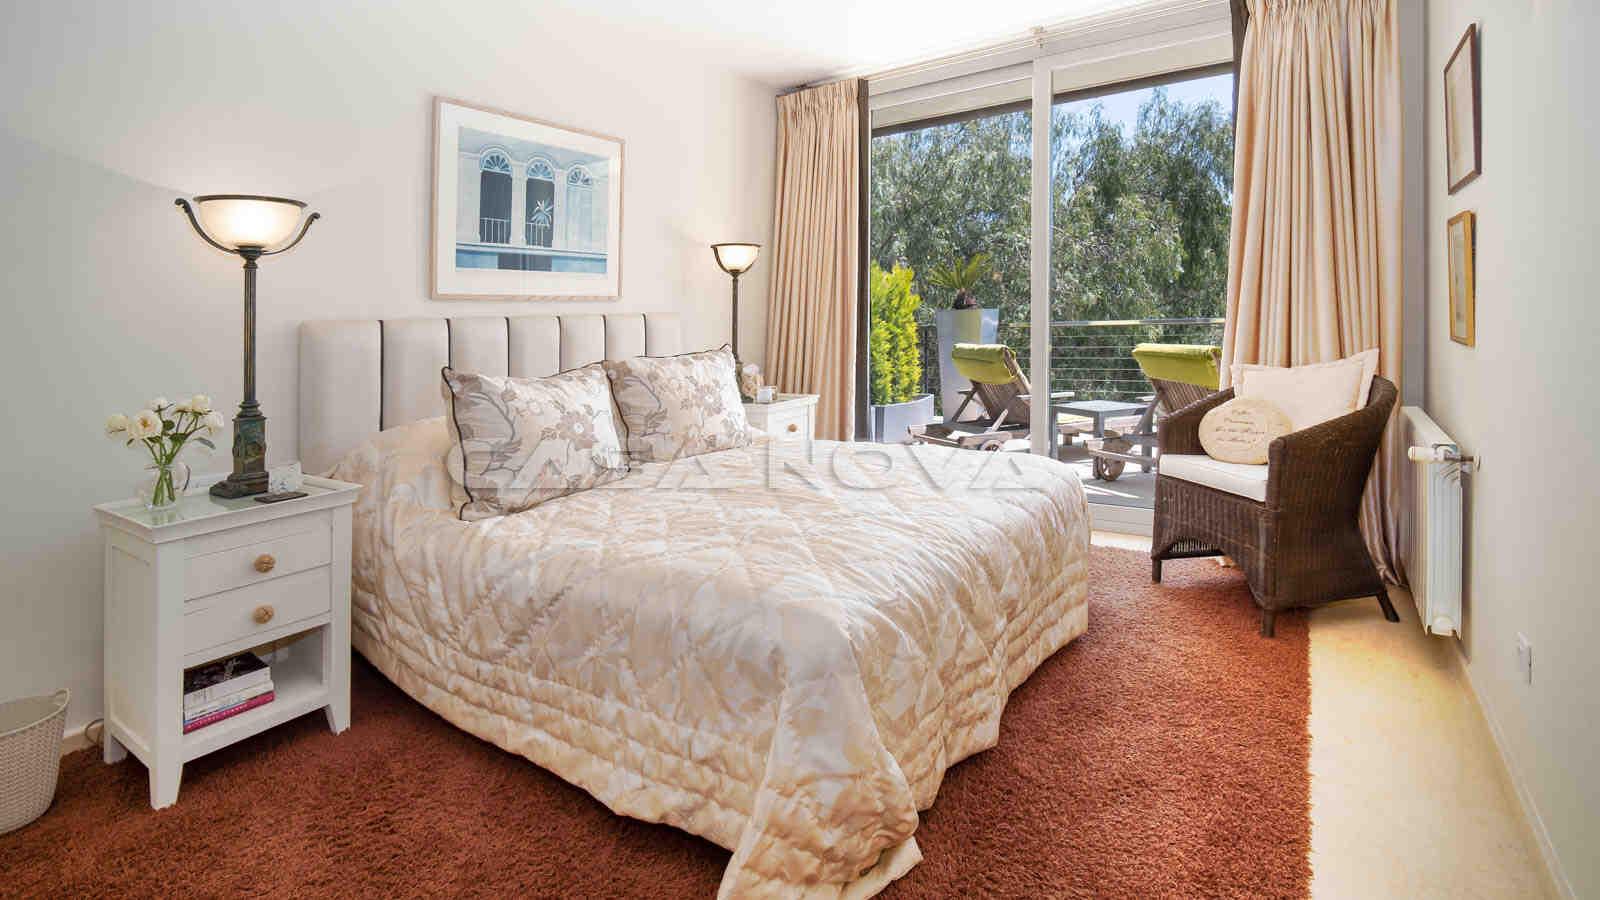 Weiteres Doppelschlafzimmer mit Balkon